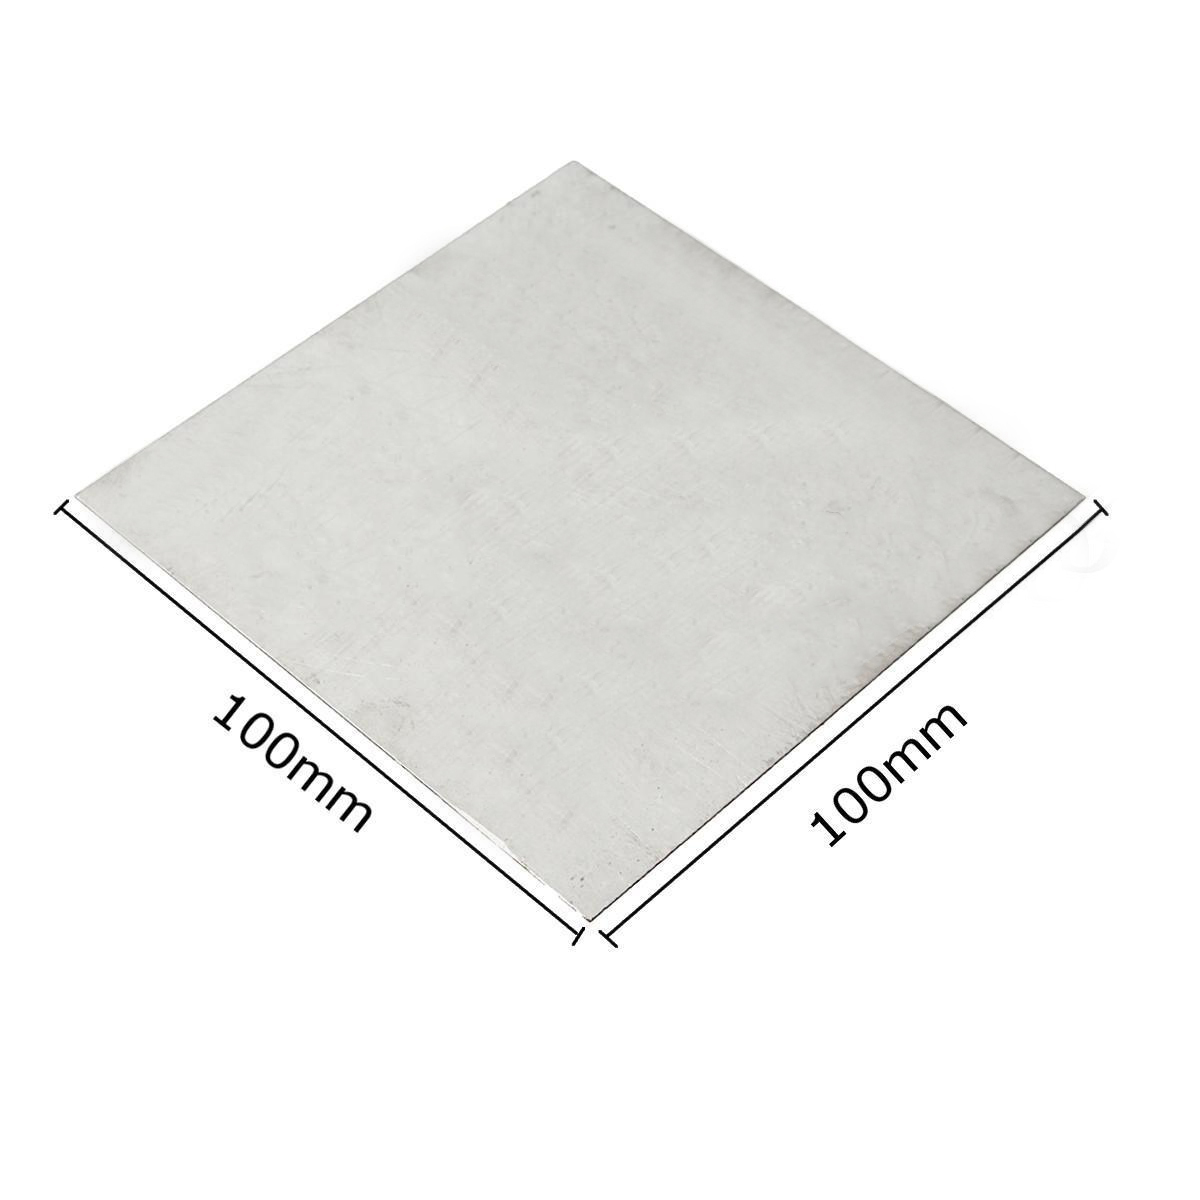 1pc 100mmx100mm TC4/GR5 ASTM B54 Metal Thin Titanium Plate 0.5mm Thickness Ti Sheet Foil 1pc tc4 gr5 titanium metal plate thin ti sheet foil 0 5mmx100mmx100mm for industry tool